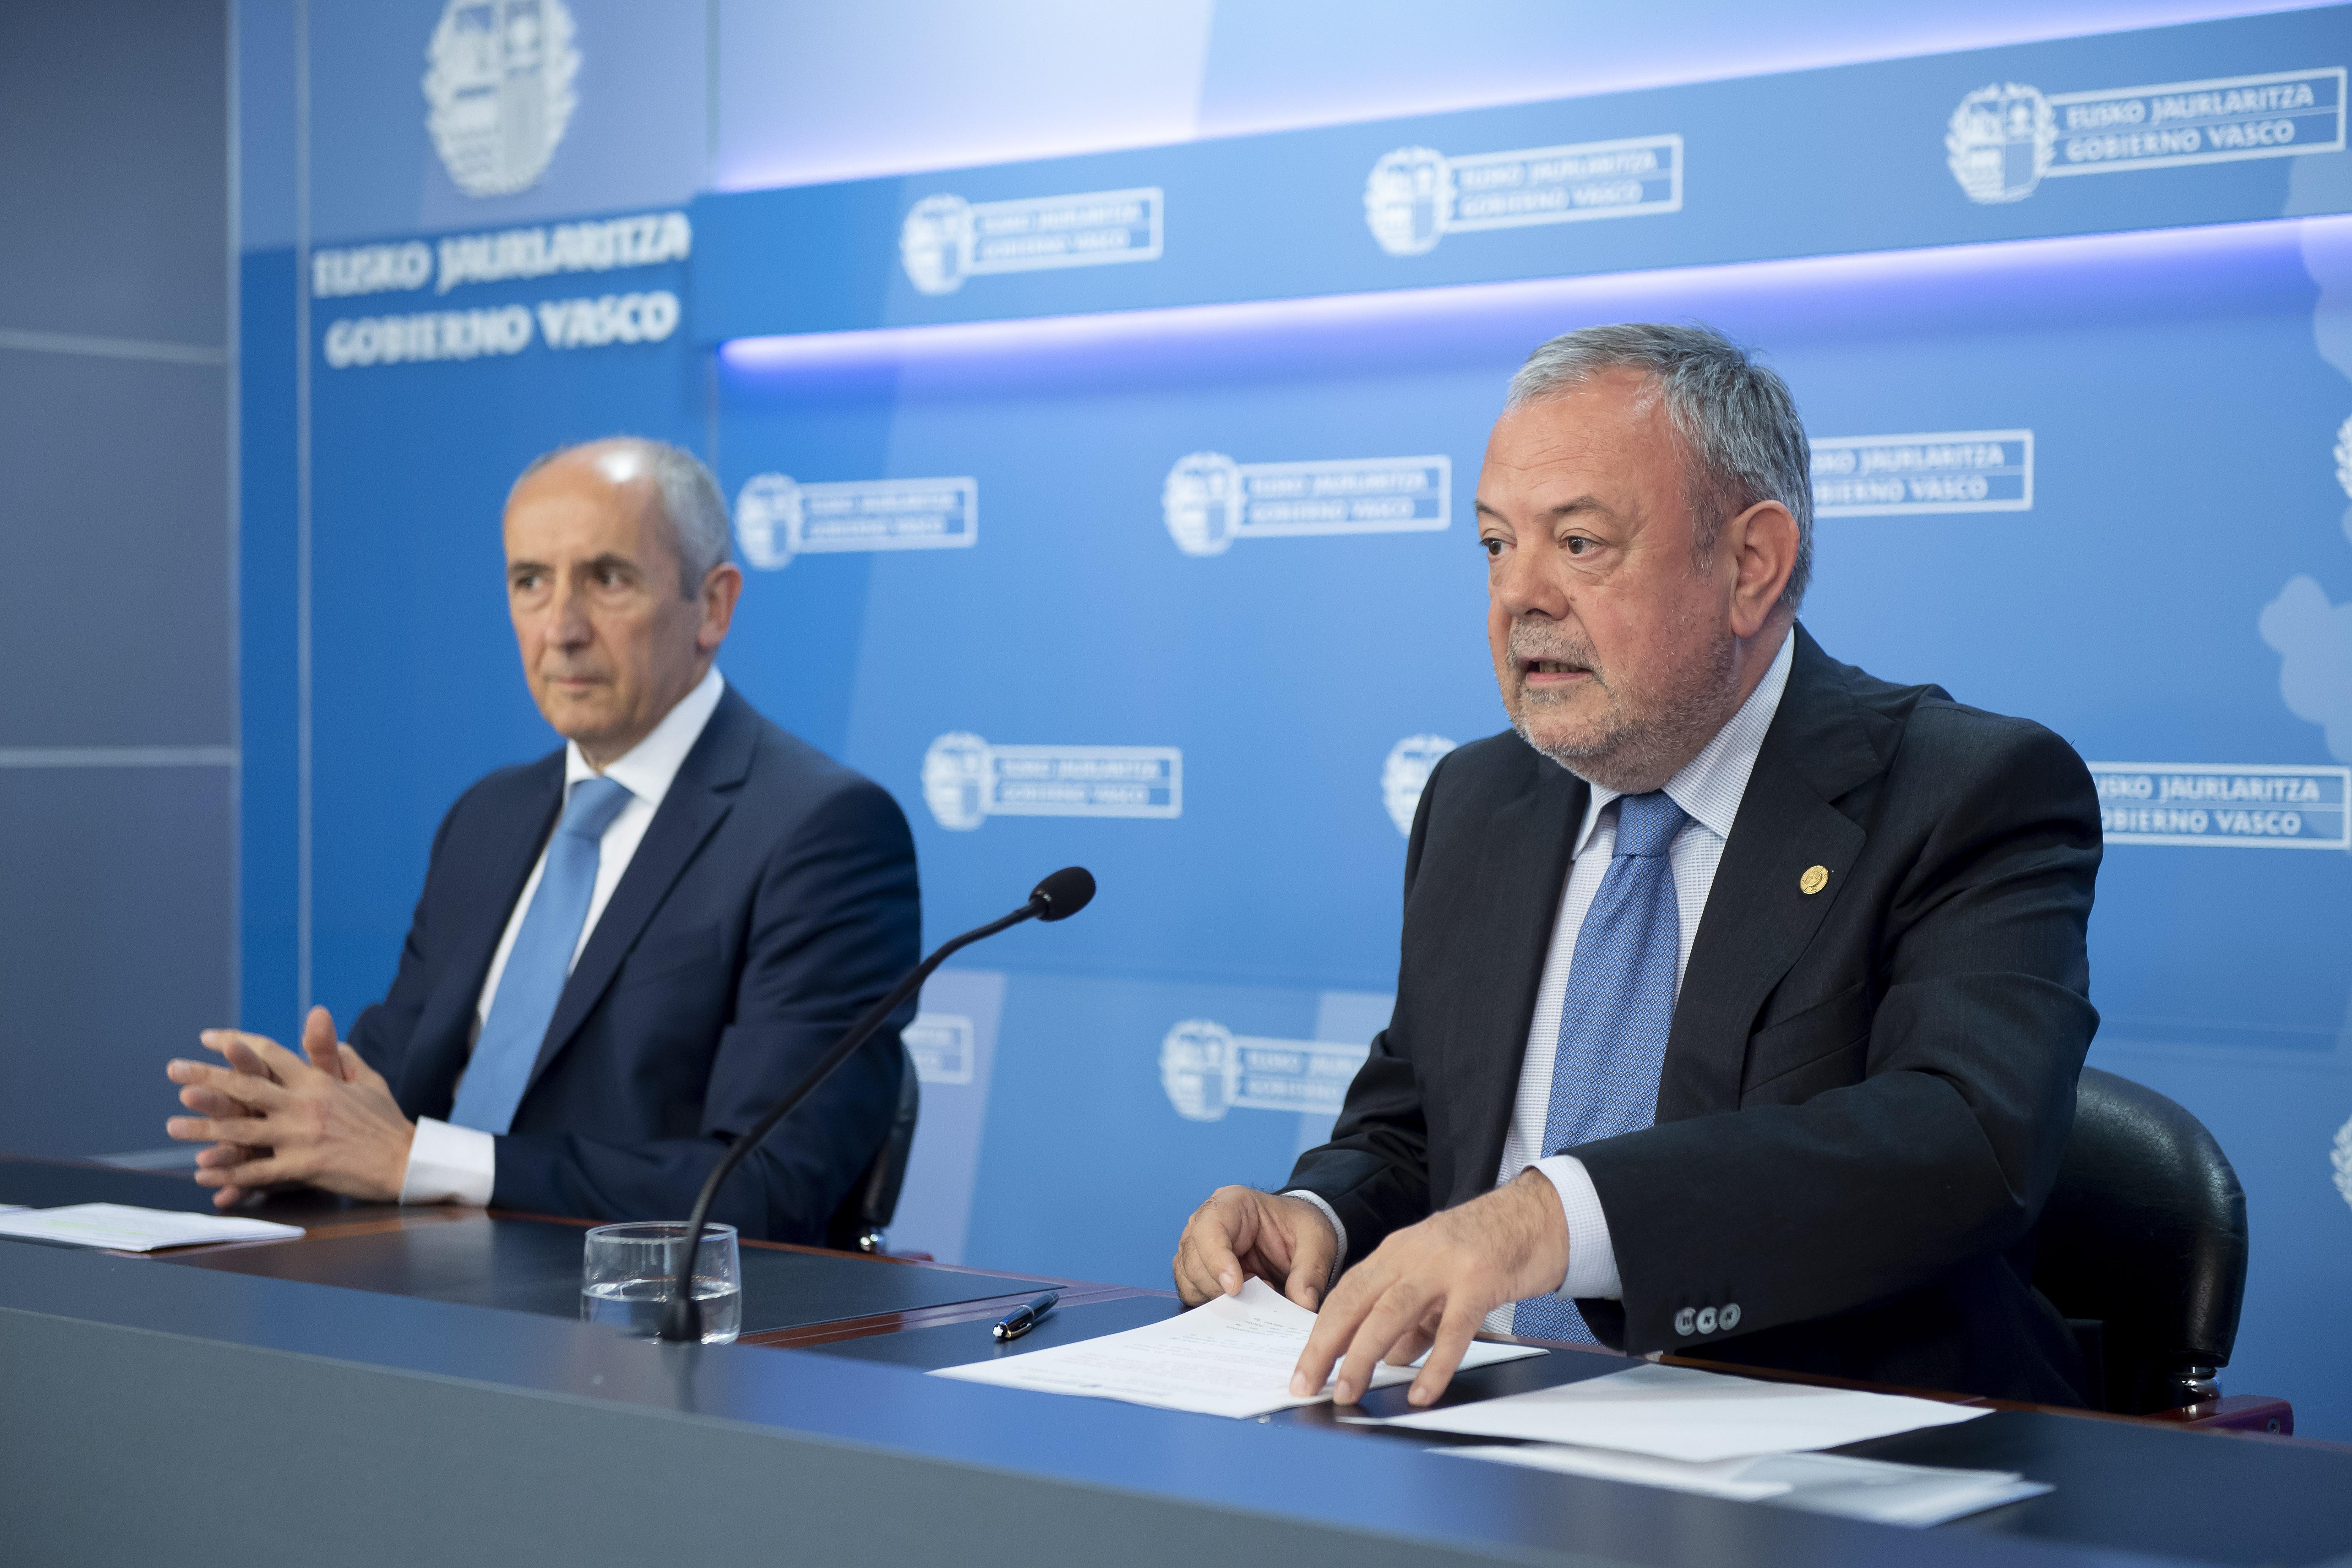 El Consejo de Gobierno aprueba las Directrices del Presupuesto 2019